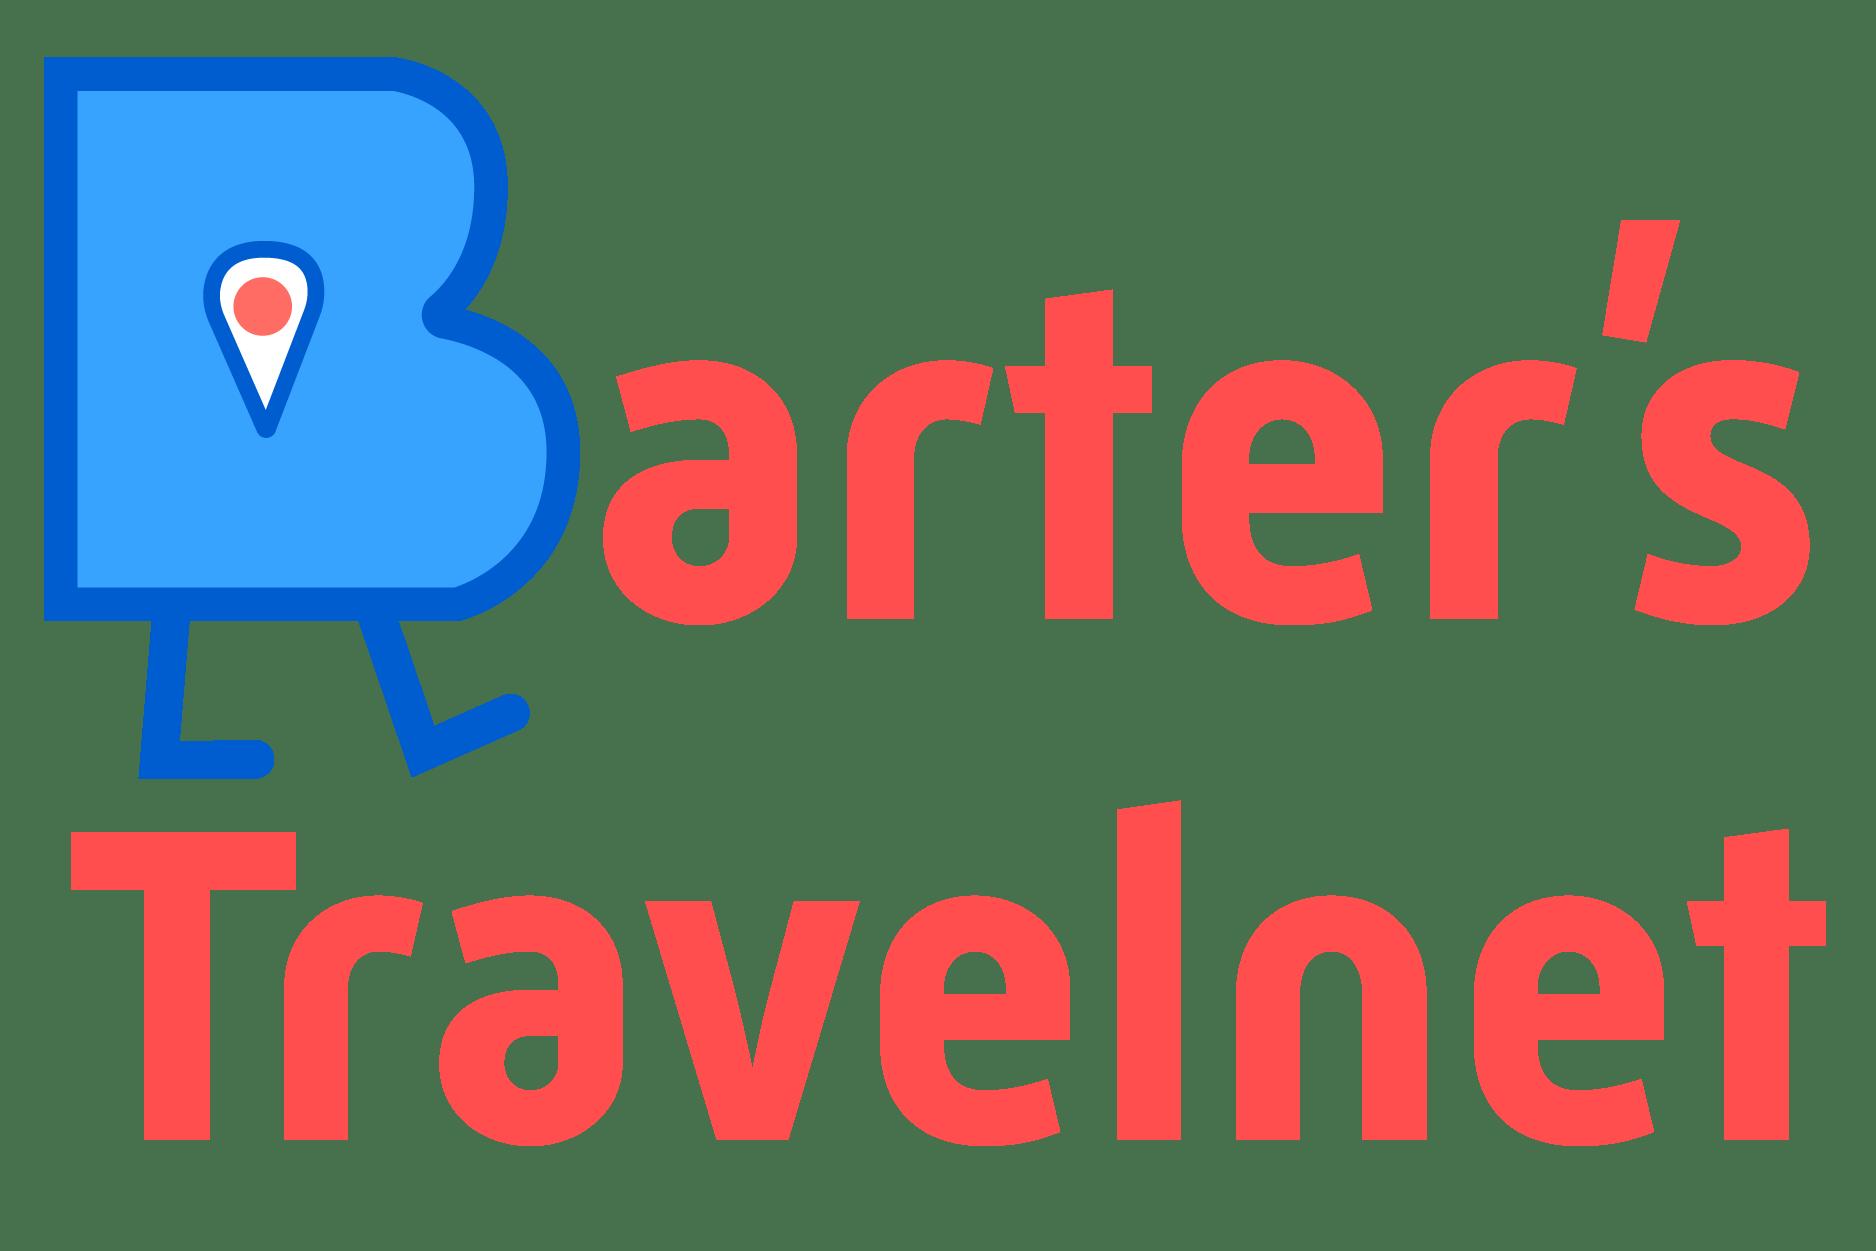 Barter's Travelnet Douglas